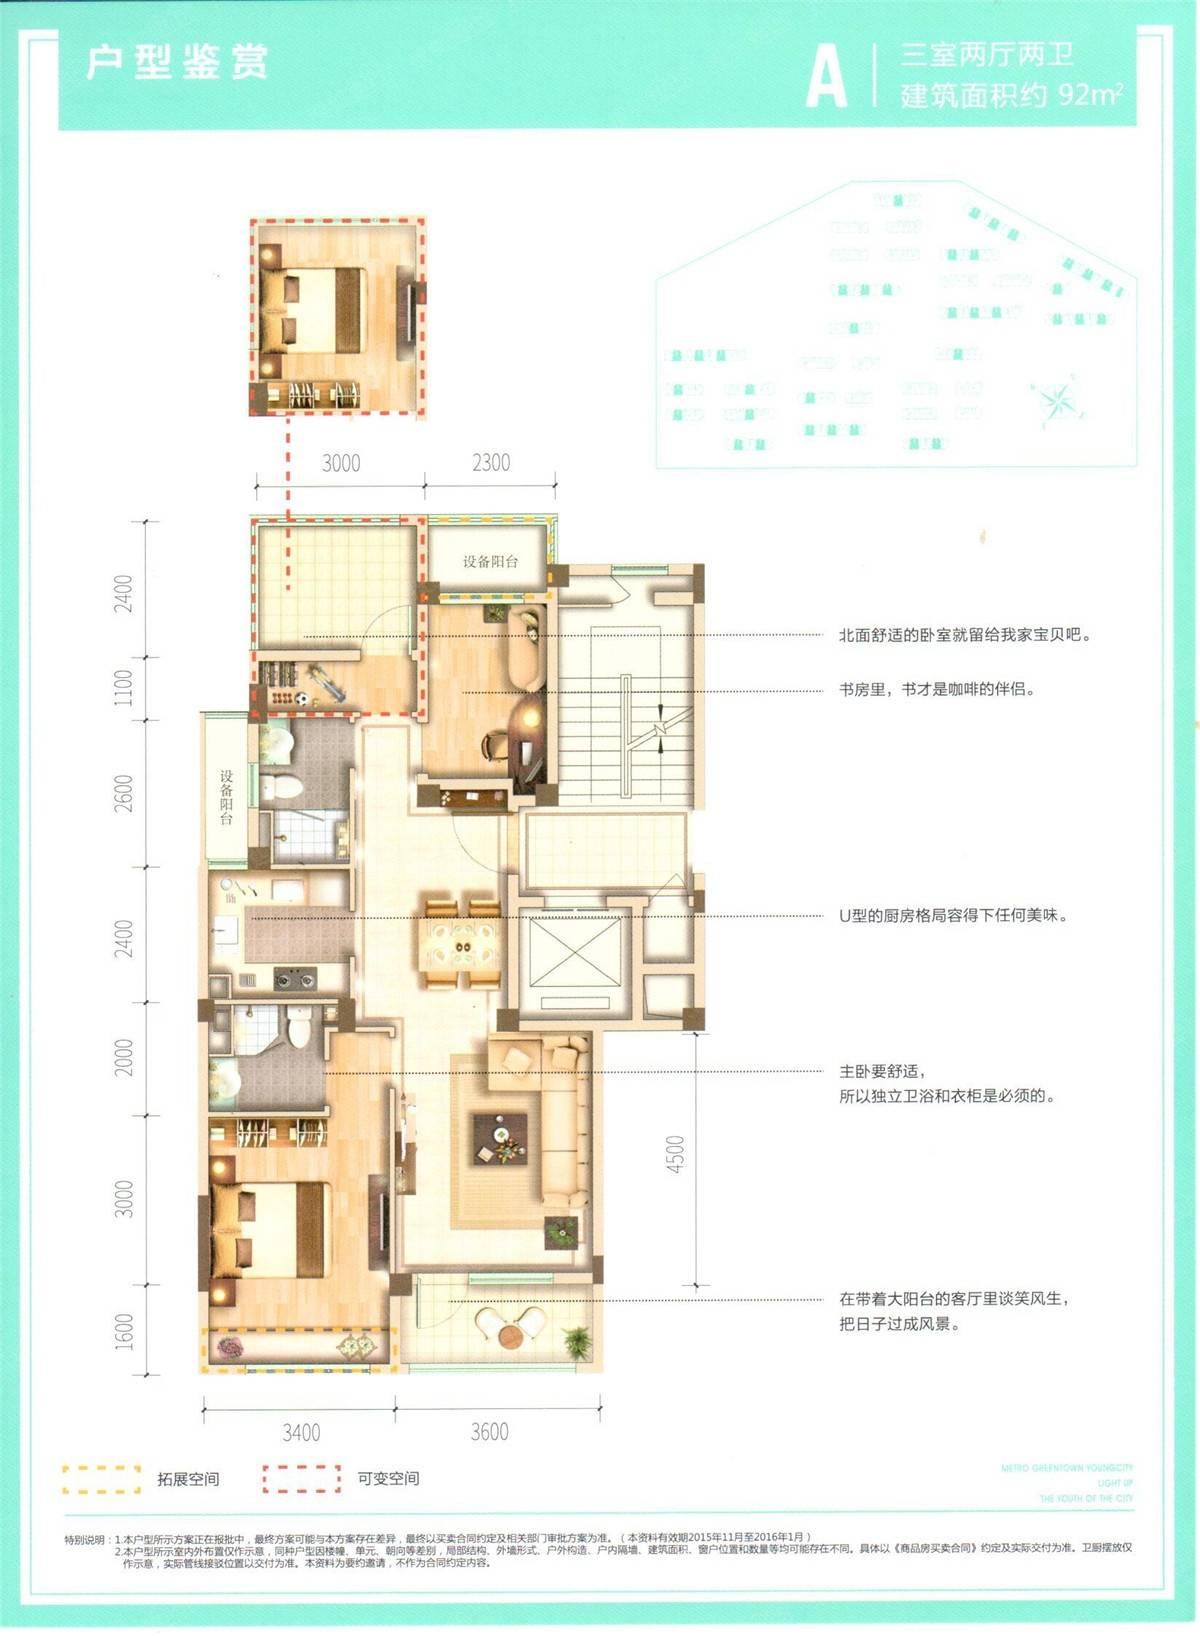 地铁绿城杨柳郡二期a居室3室2厅2卫二期a户型图-杭州